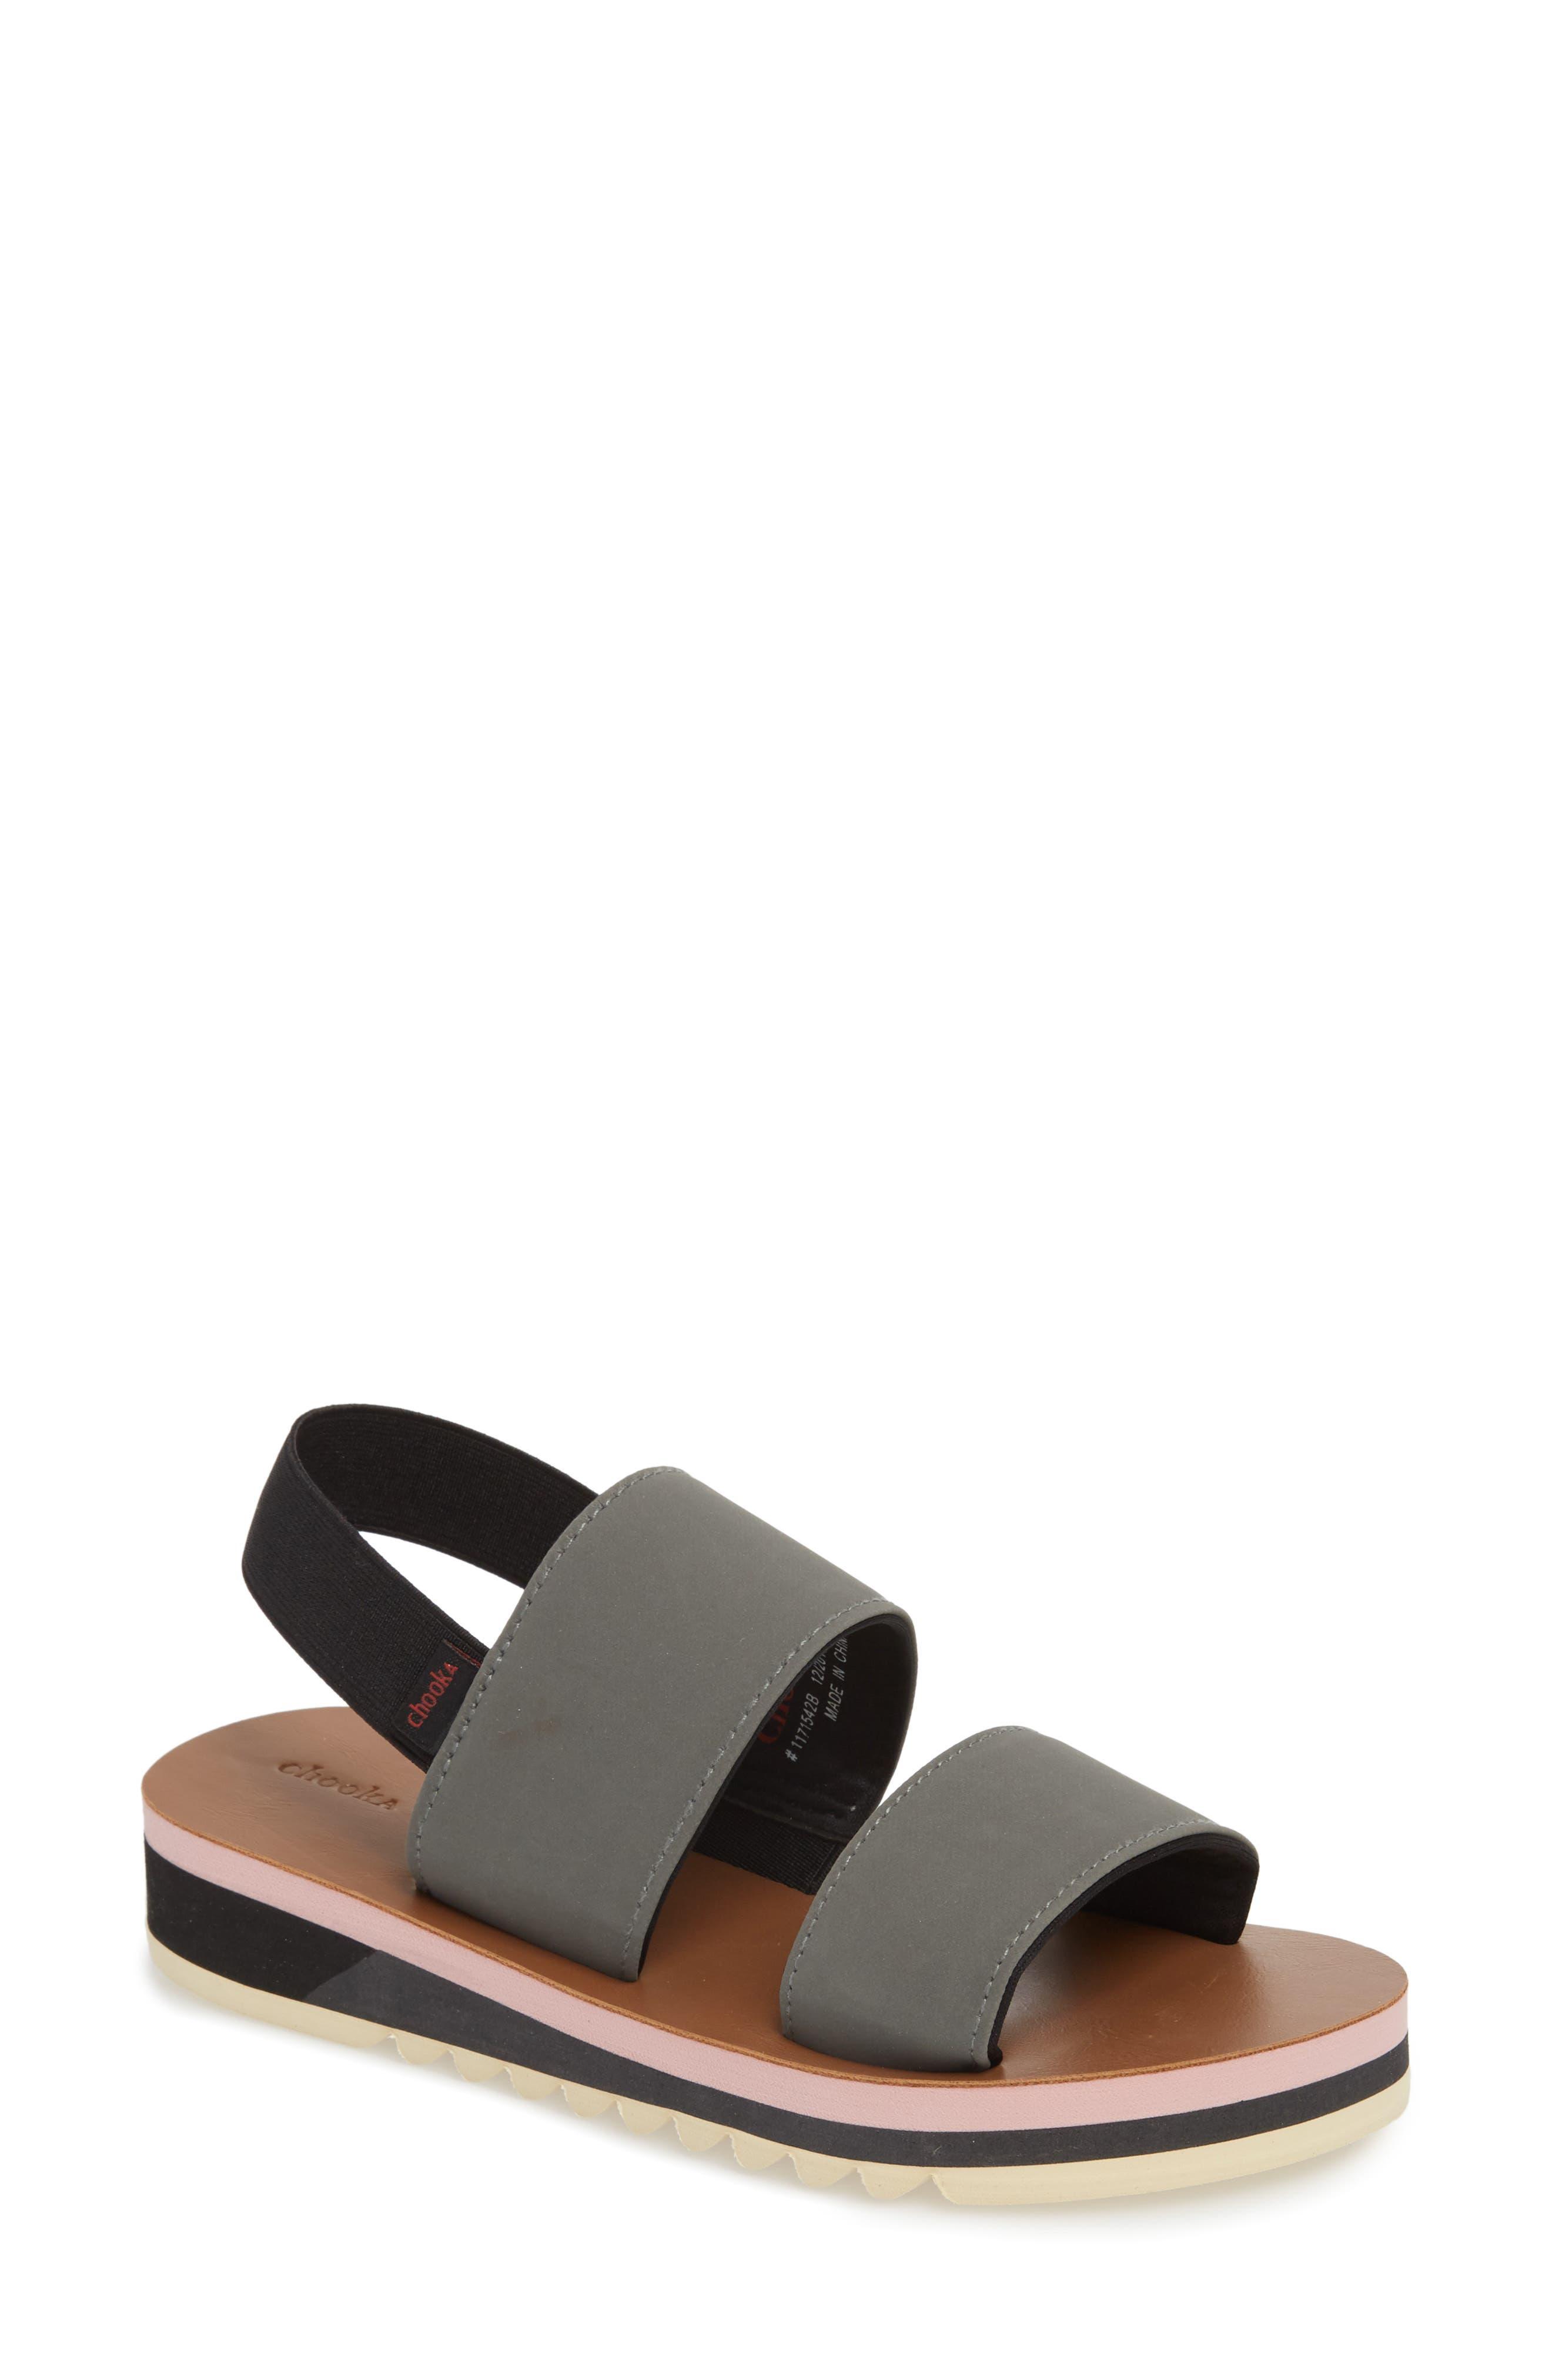 Flatform Sandal,                         Main,                         color, GREY